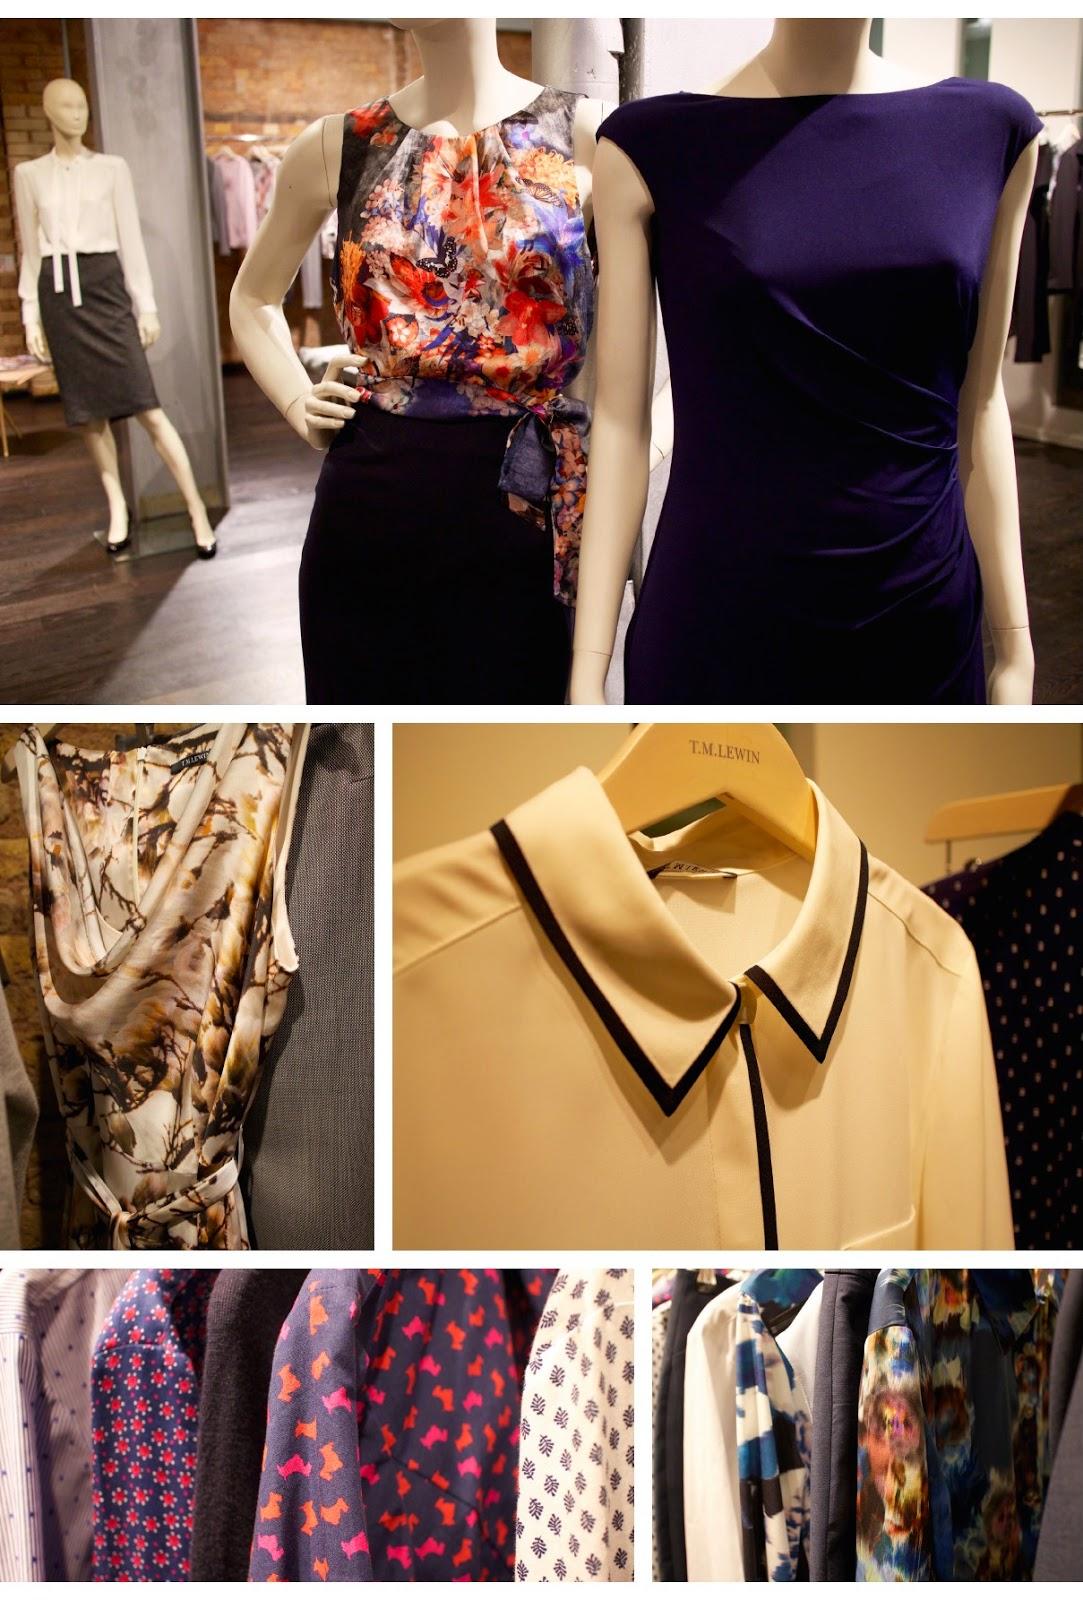 tm lewin aw15 womens womenswear autumn winter tailoring workwear